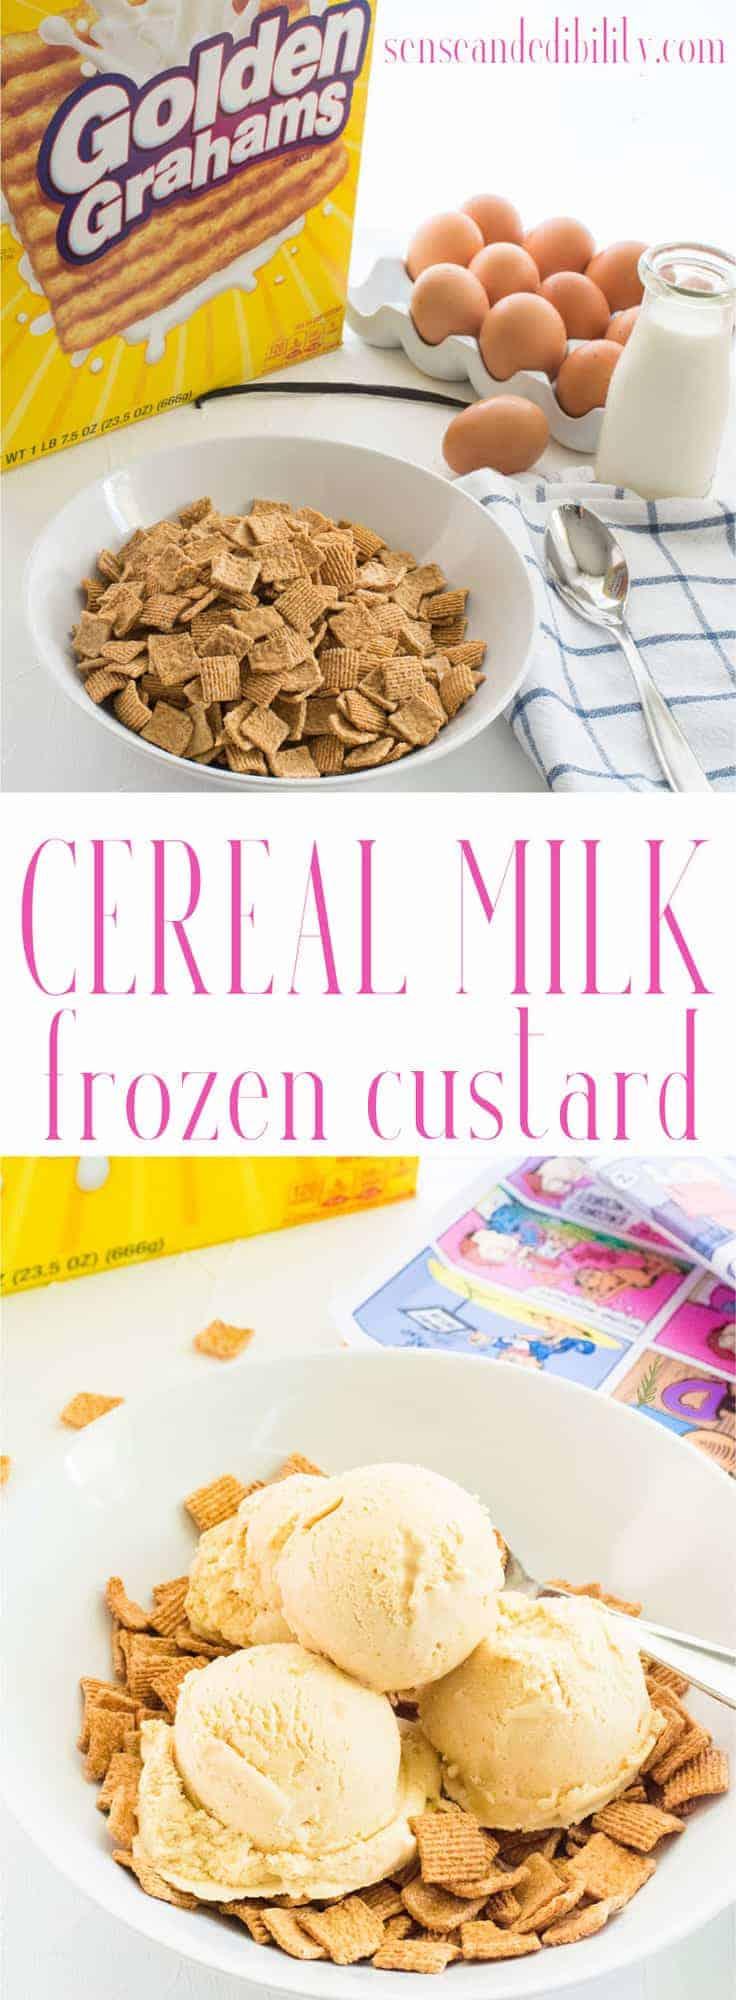 Sense & Edibility's Cereal Milk Frozen Custard Pin